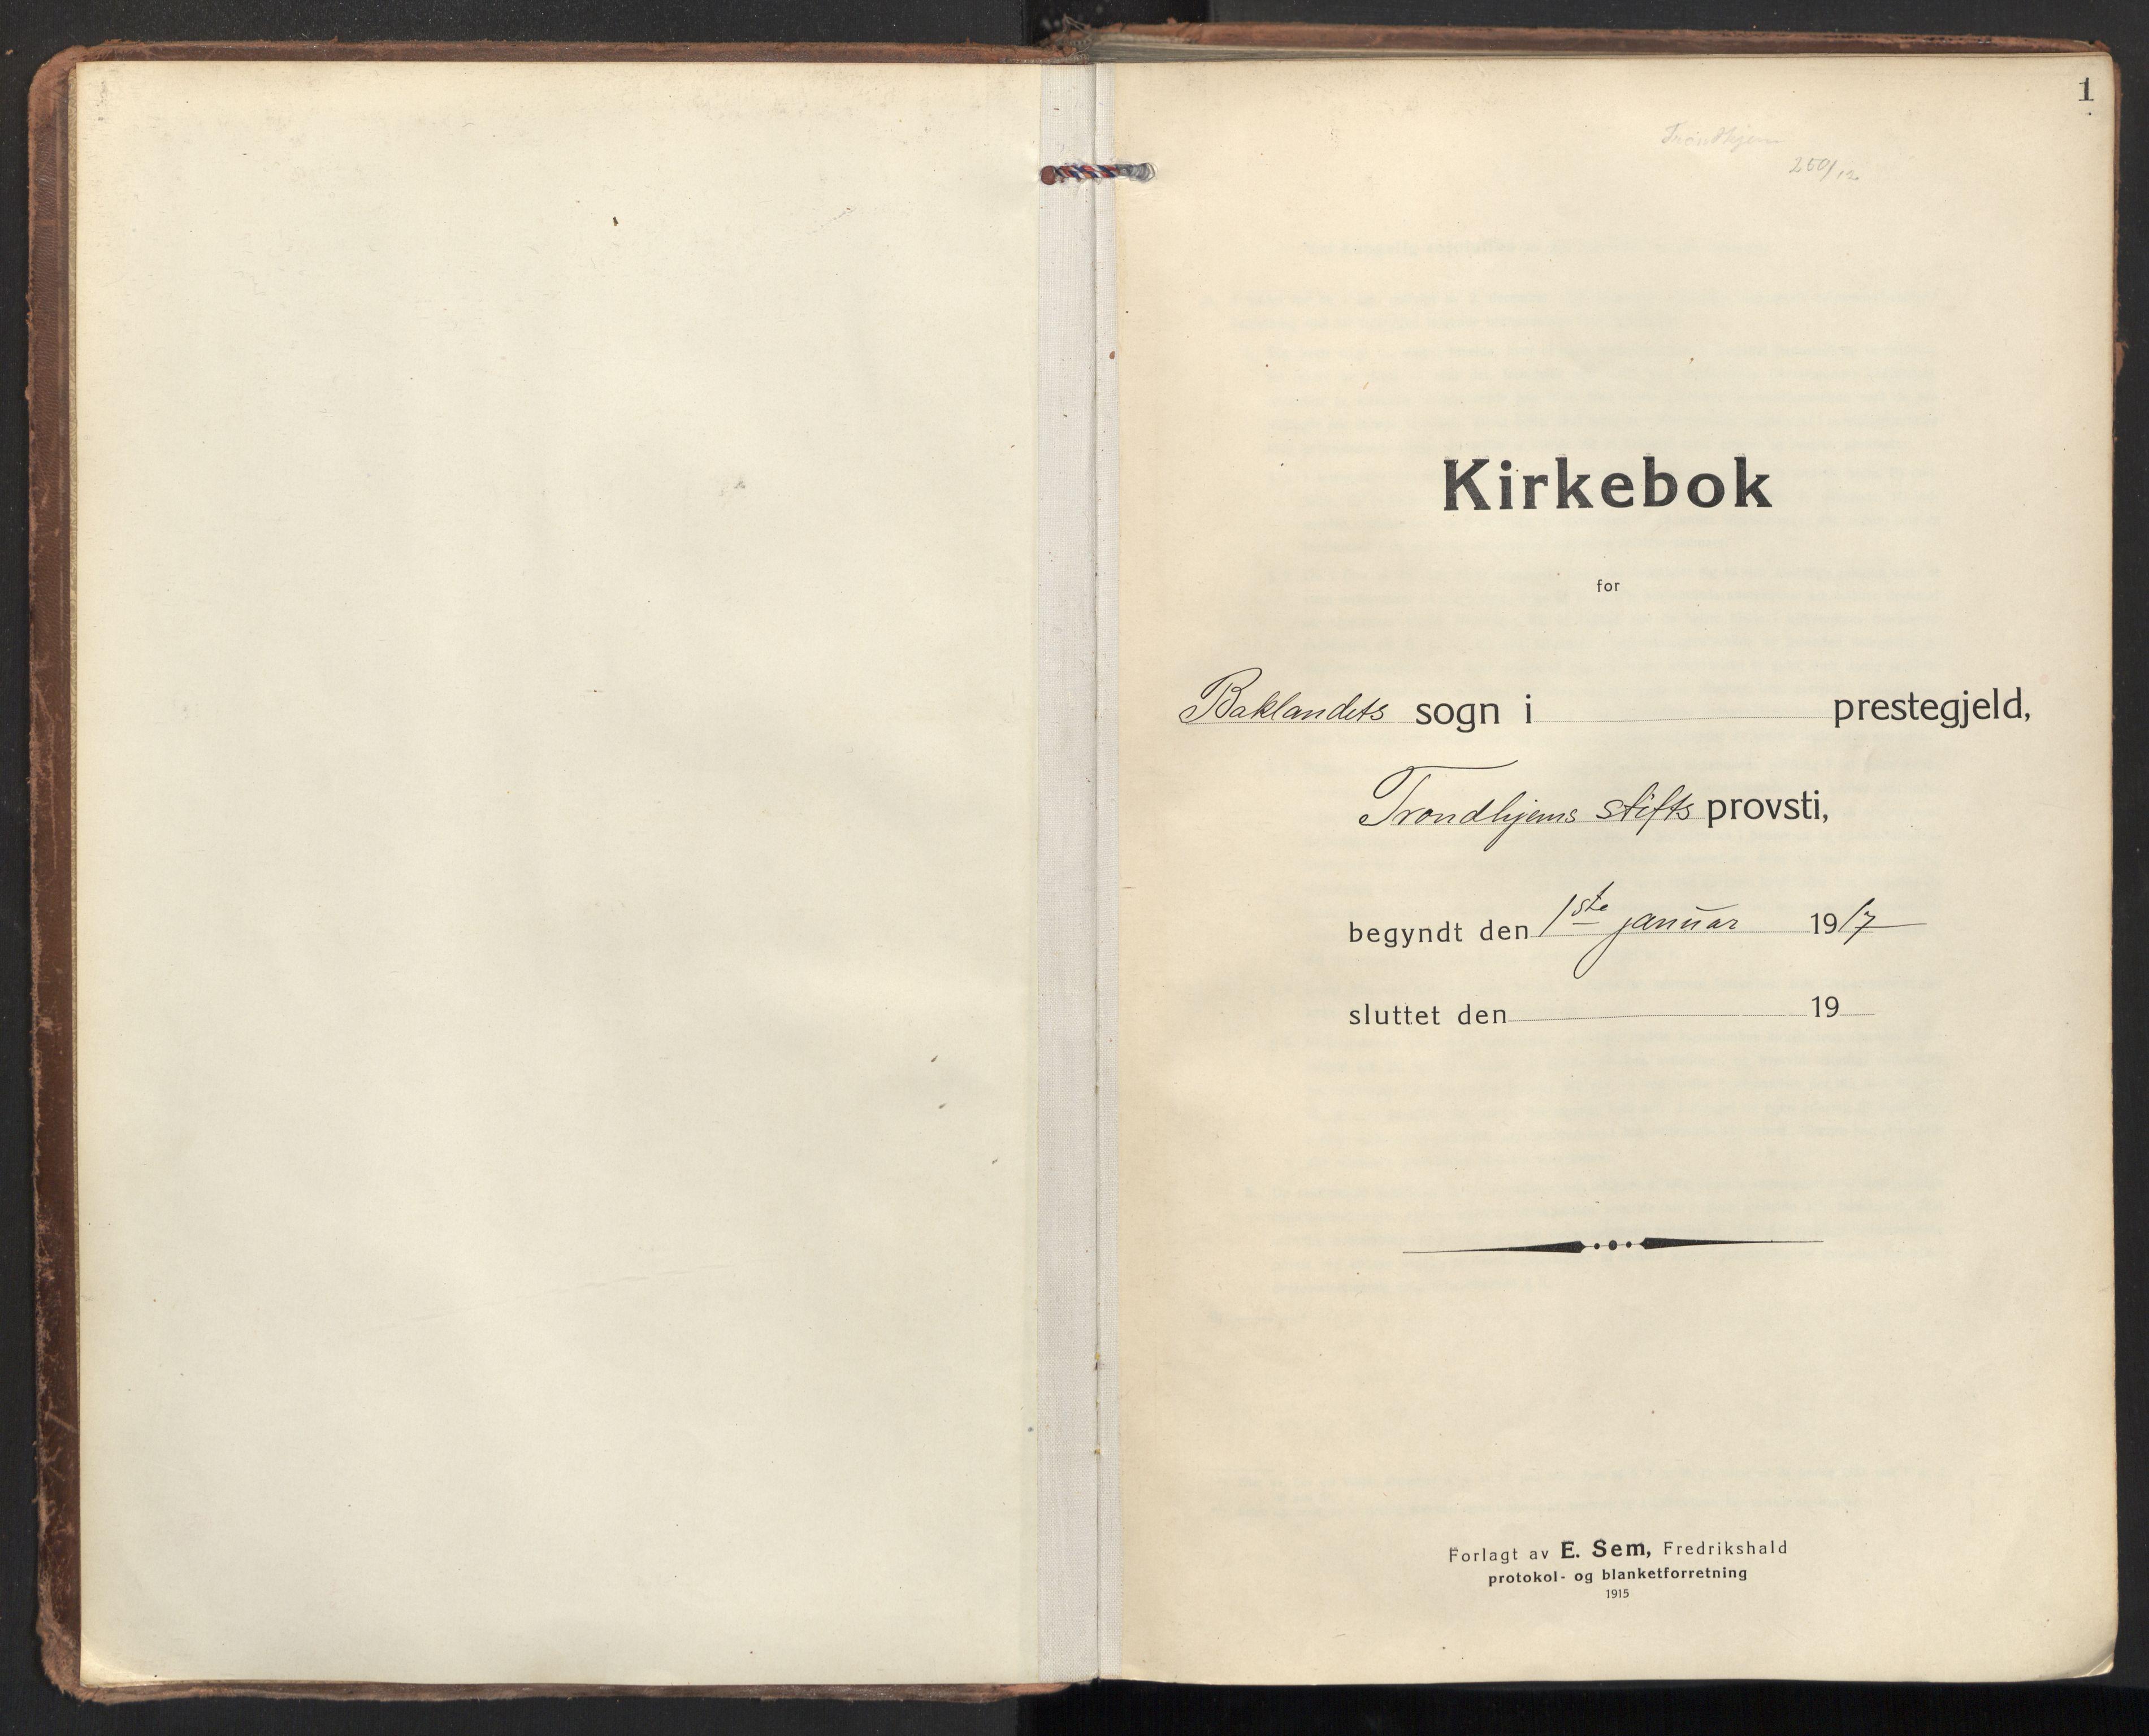 SAT, Ministerialprotokoller, klokkerbøker og fødselsregistre - Sør-Trøndelag, 604/L0207: Ministerialbok nr. 604A27, 1917-1933, s. 1